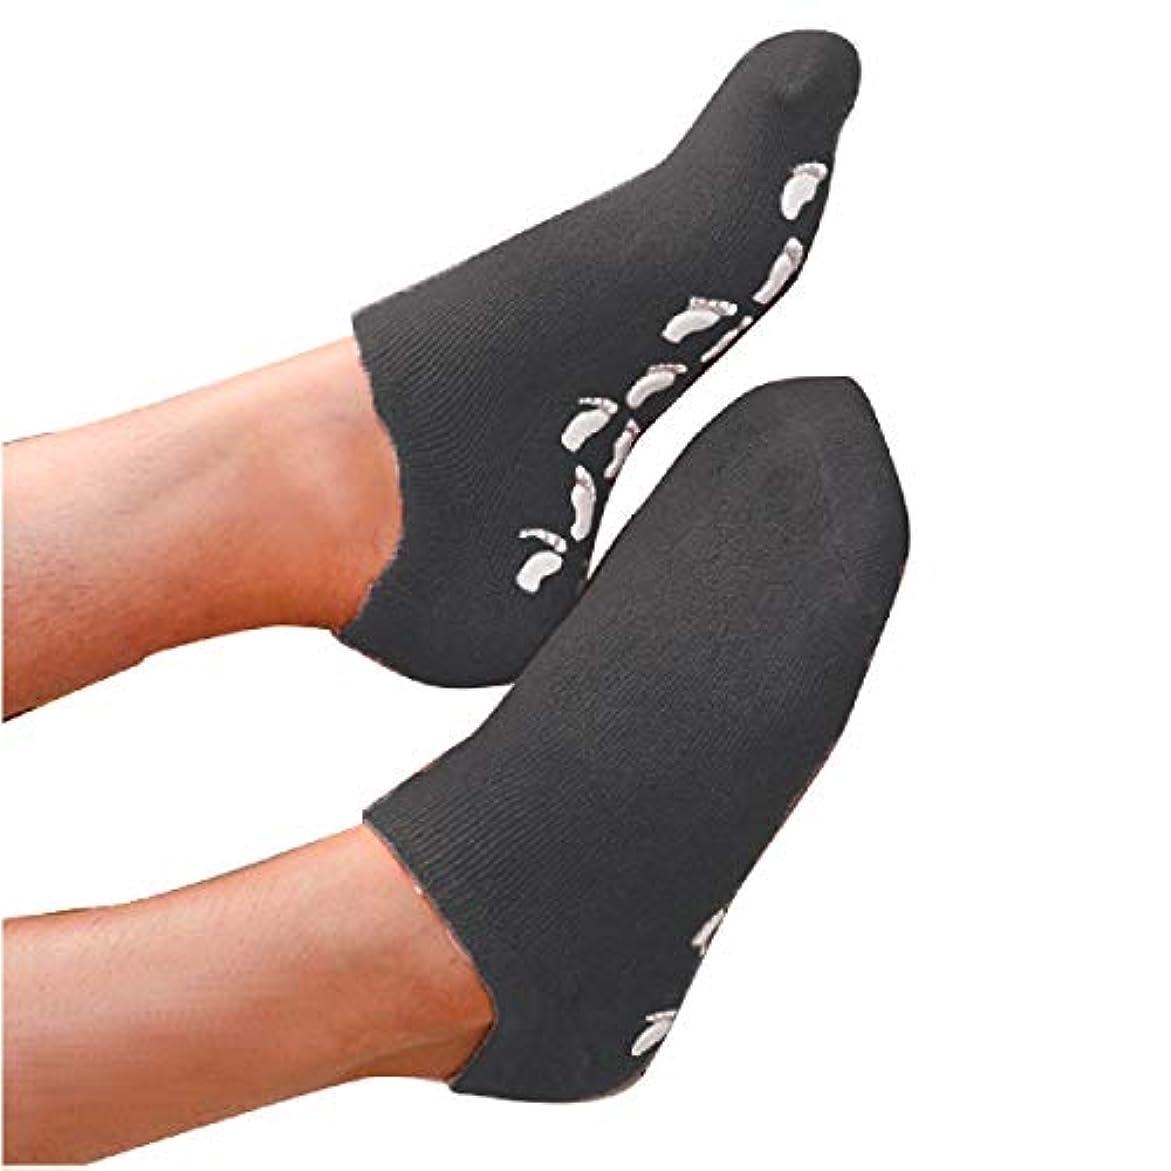 試験眠り曖昧なS&E かかと 靴下 保湿 ソックス 美容成分 潤い ゲル付き 滑り止め 足裏 足の甲 ホホバオイル グレープシード ビタミンE ラベンダー ローズ (ブラック)